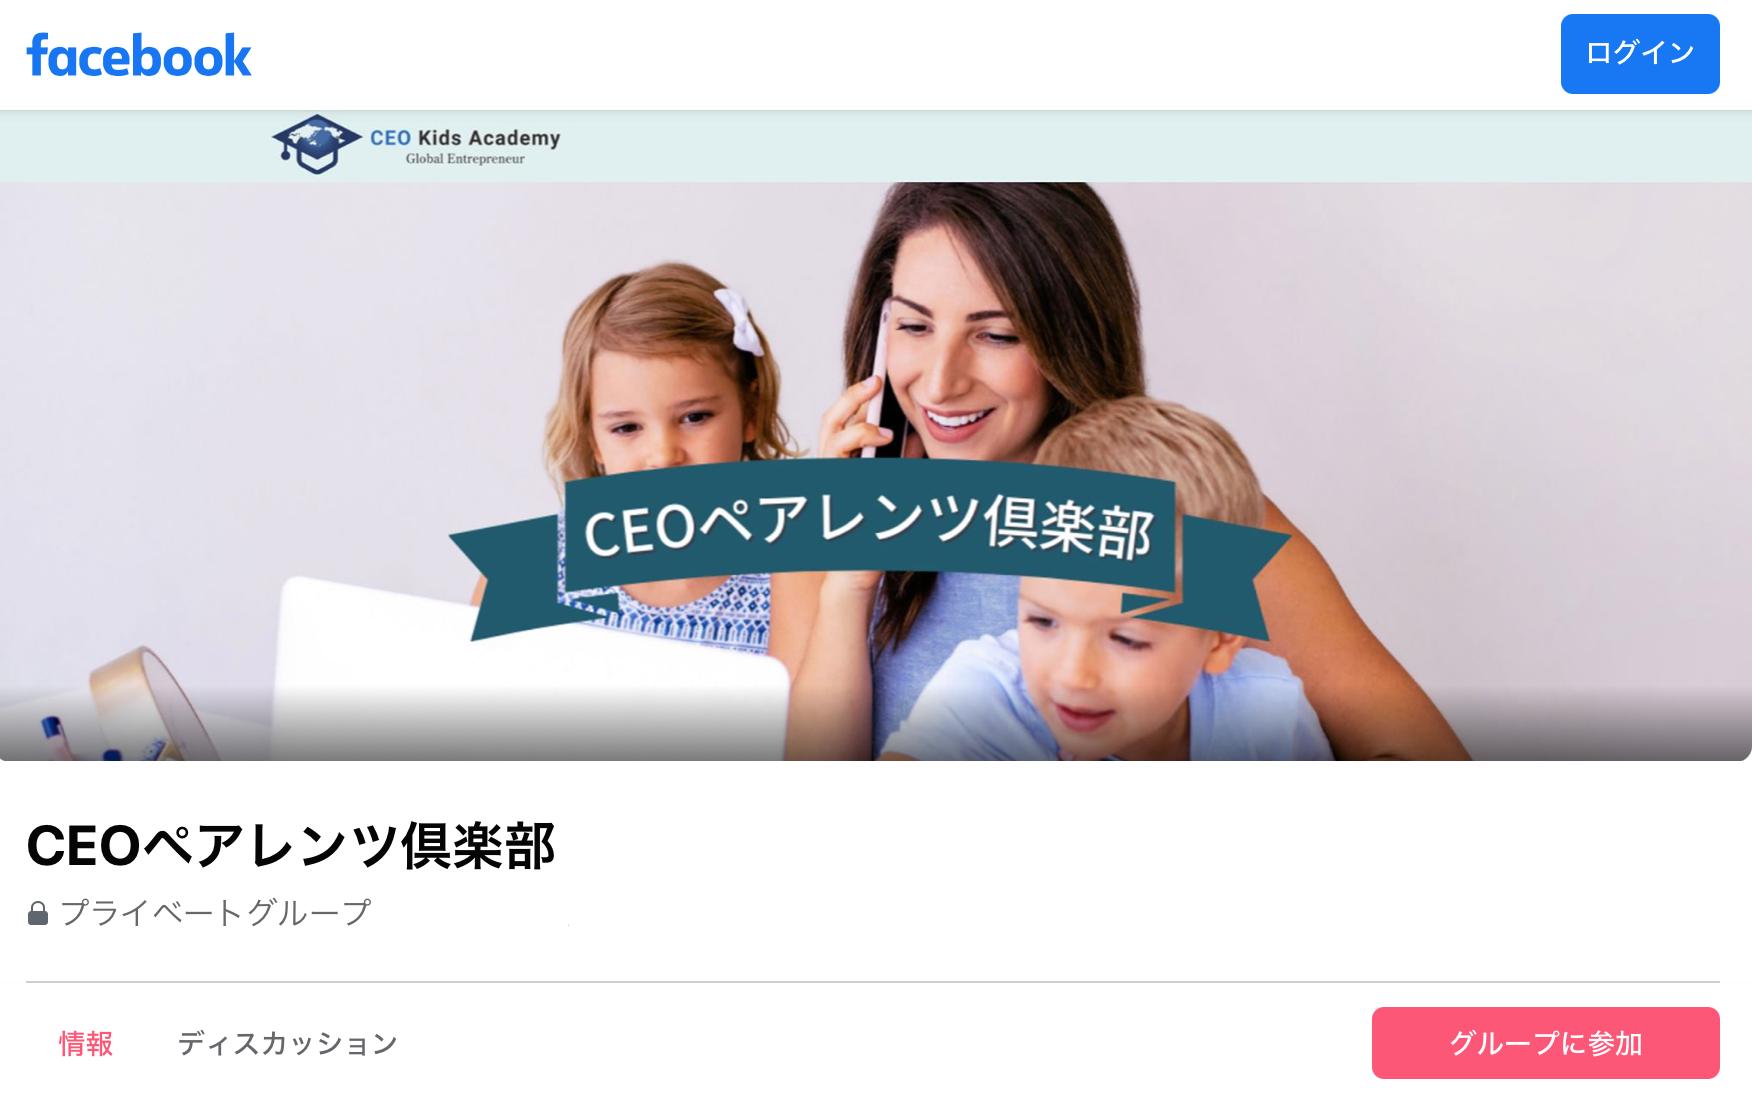 FBグループTOP画面_参加方法NEW